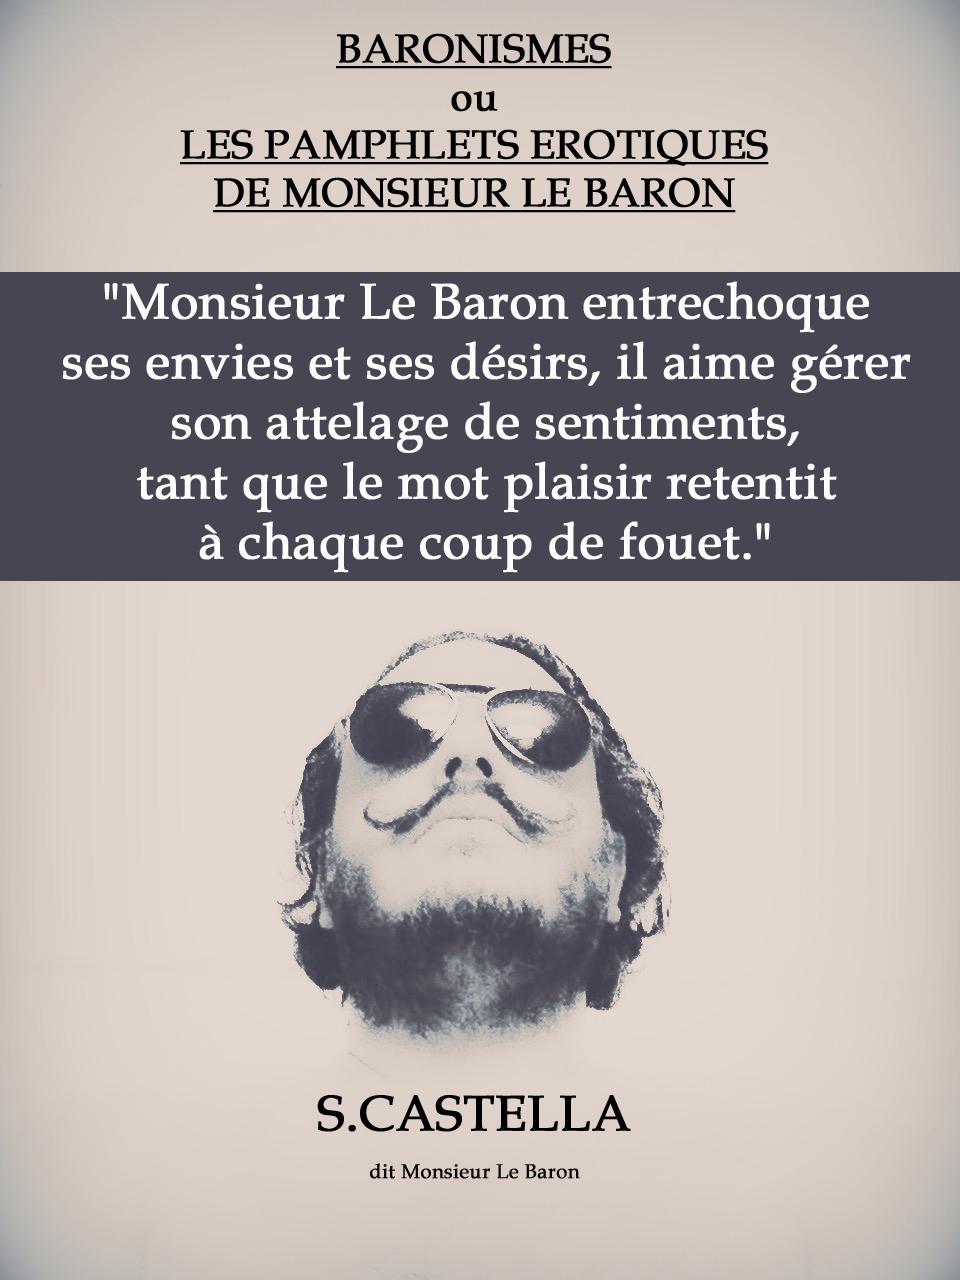 castella-baronisme3